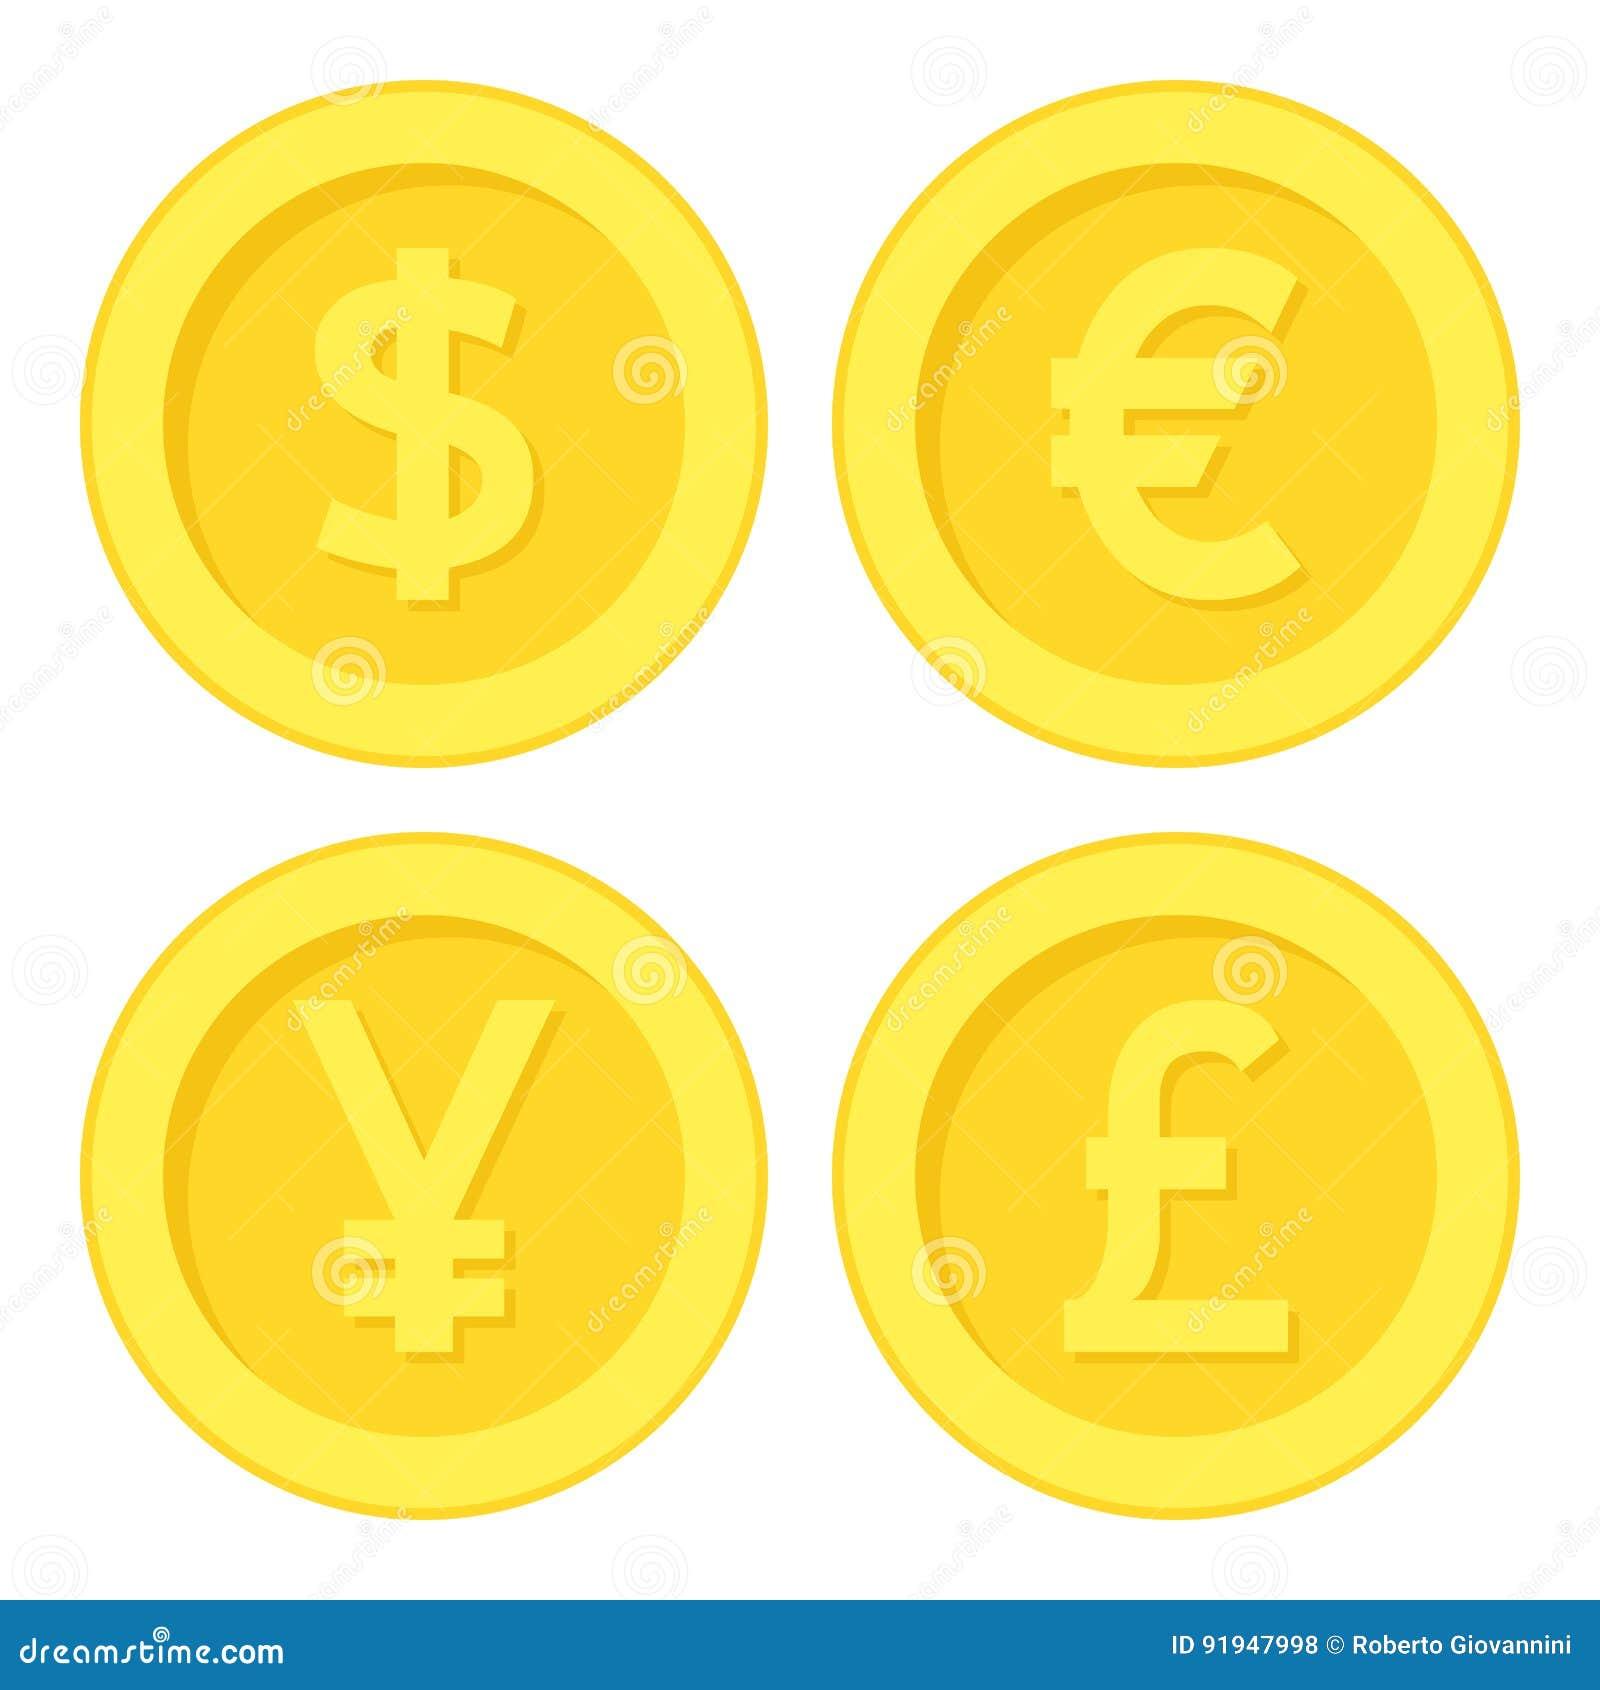 Dollar Euro Yen Pound Golden Coin Flat Icon